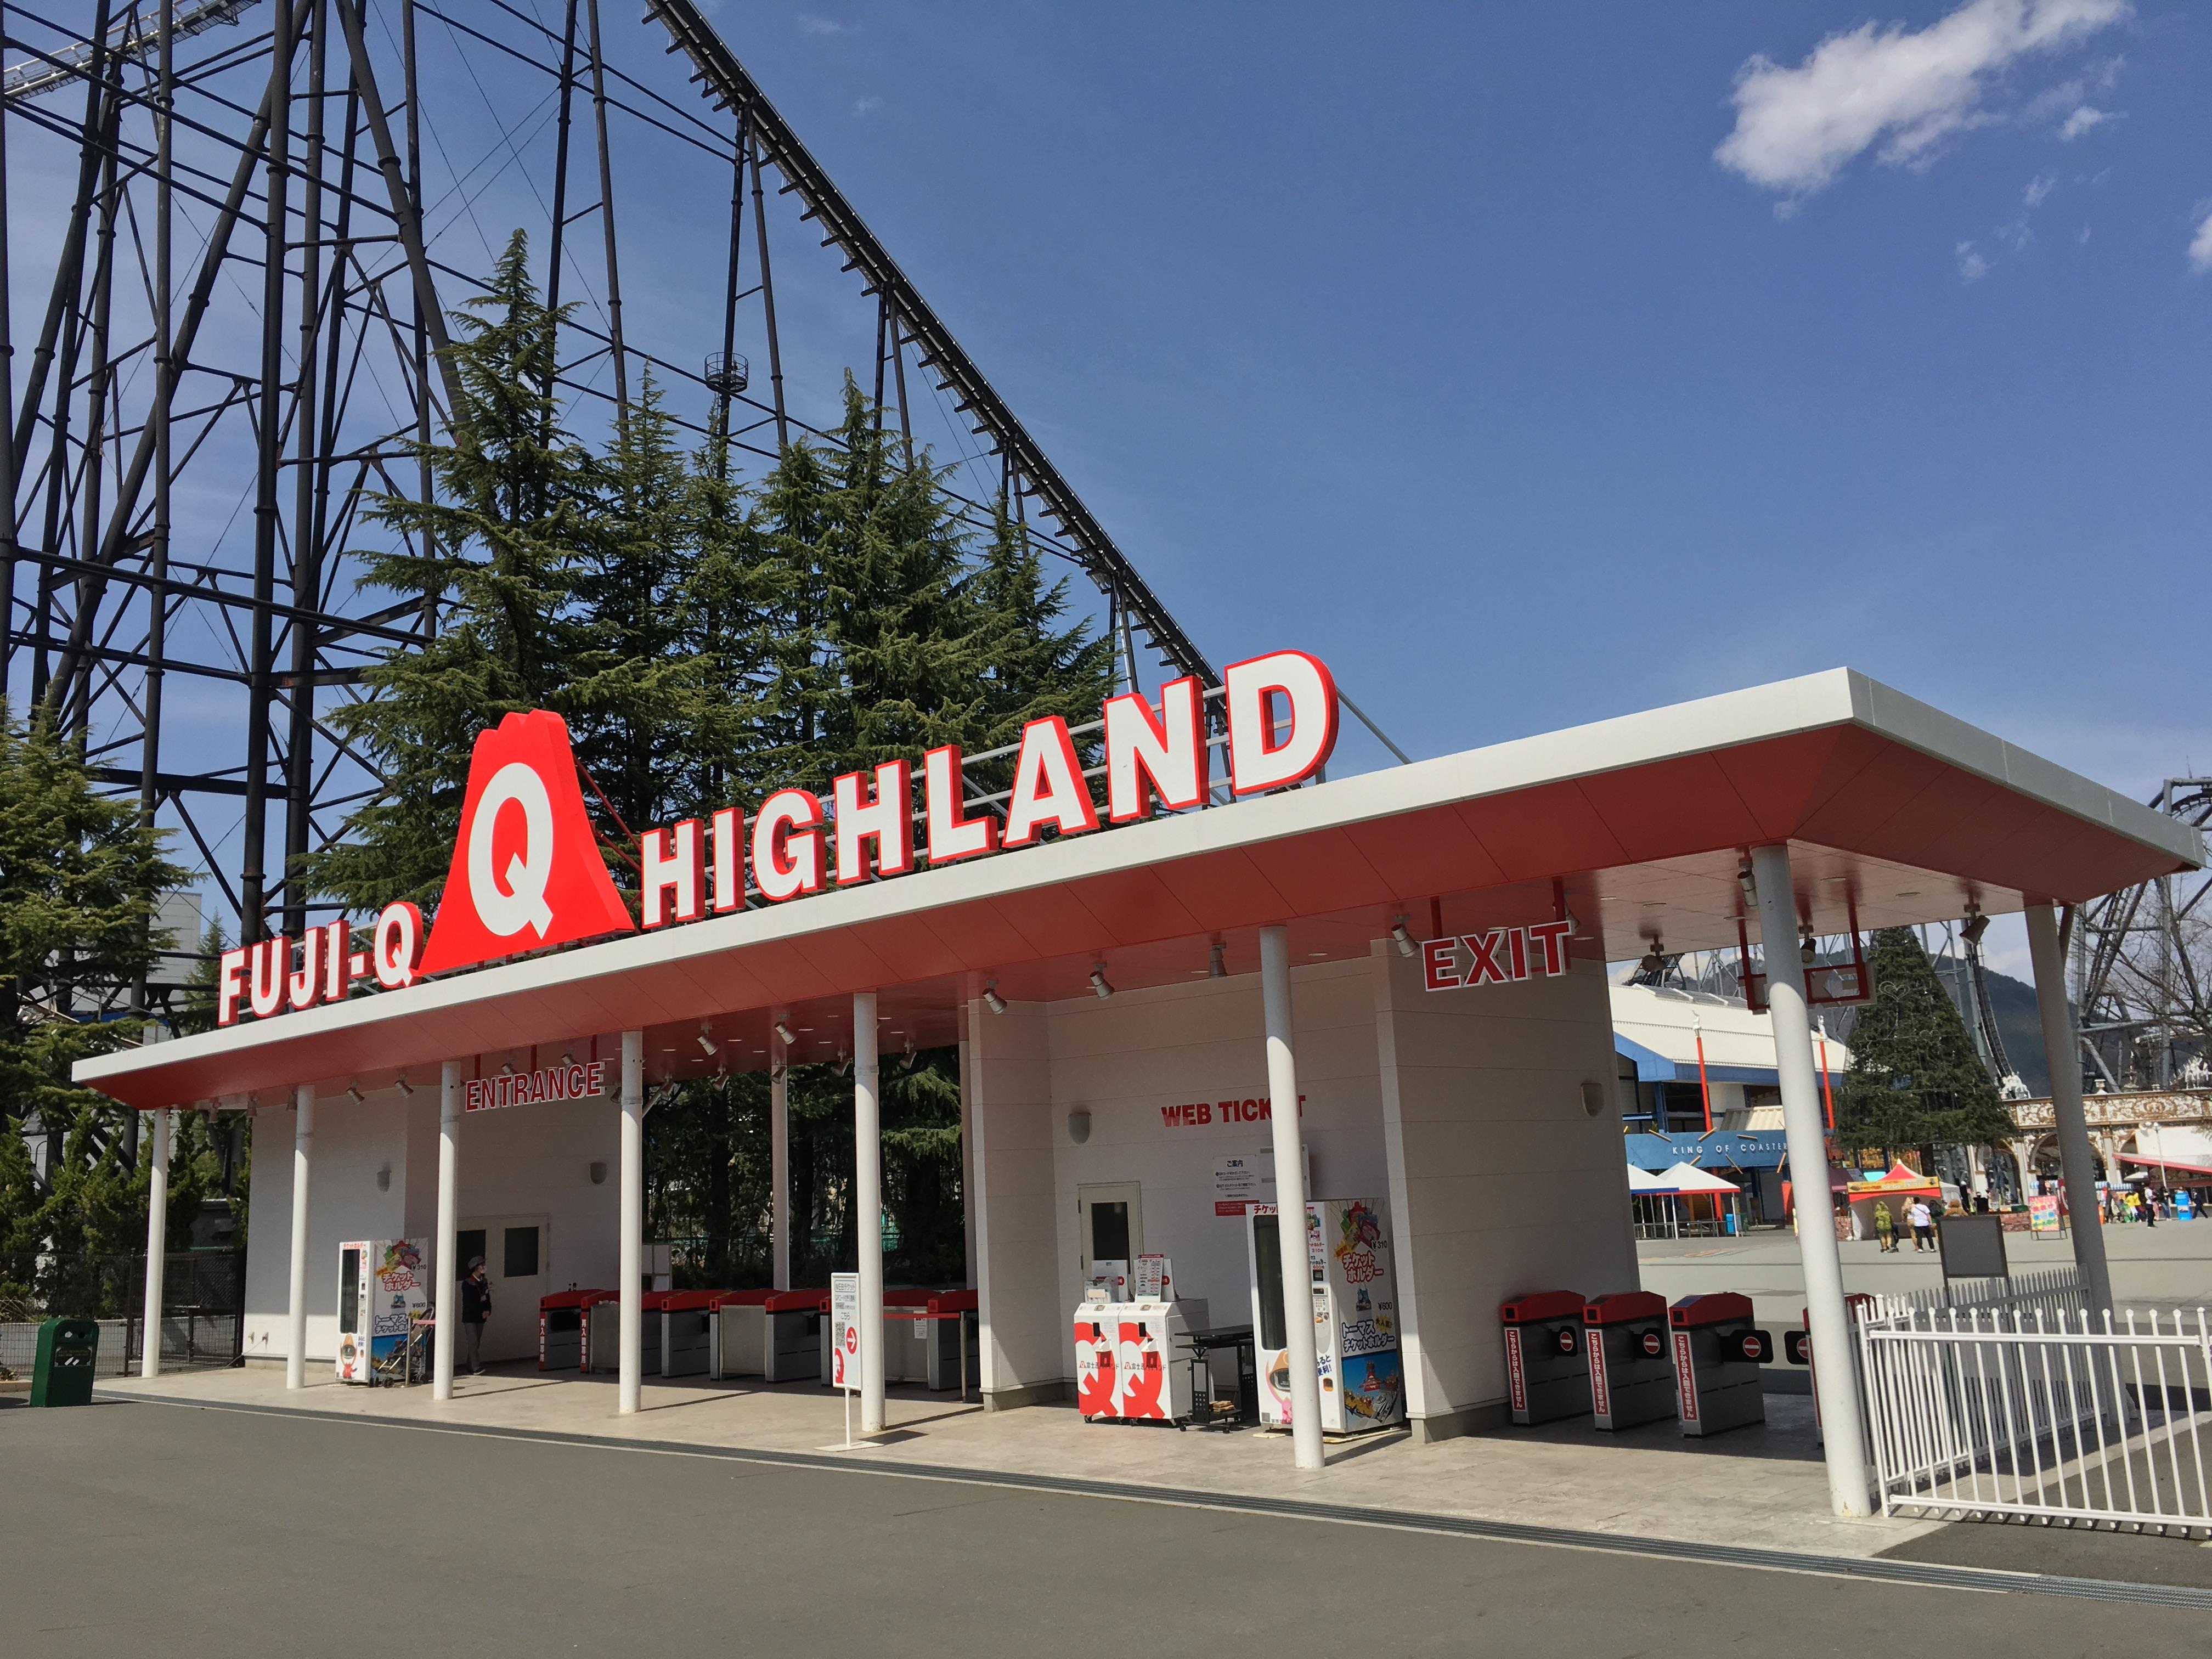 Fuji-Q_Highland_(33446058823)